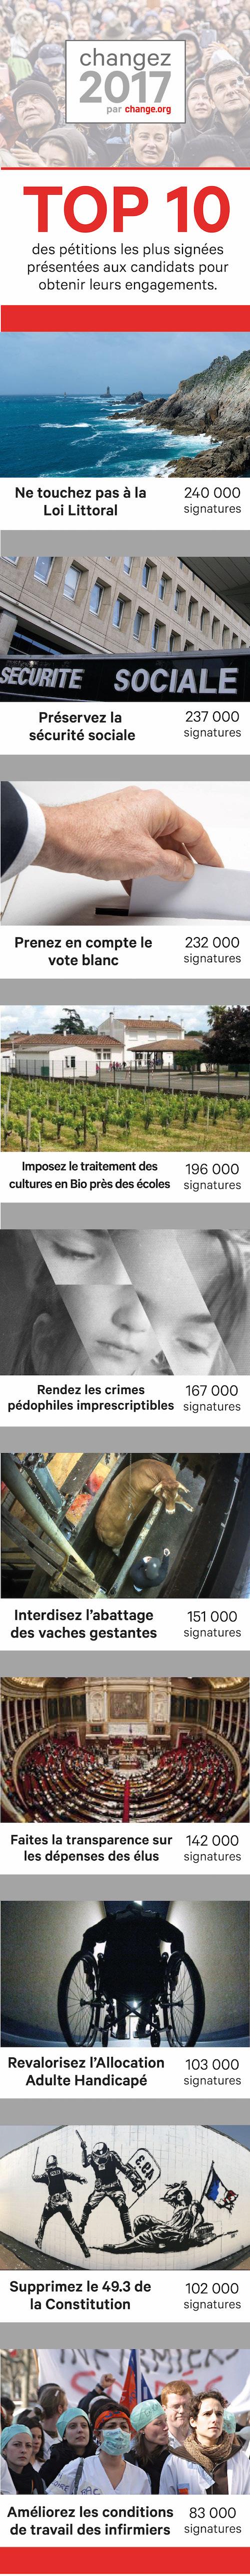 Change.org : le site de pétitions en ligne fait le point sur les préoccupations des français 13328_original